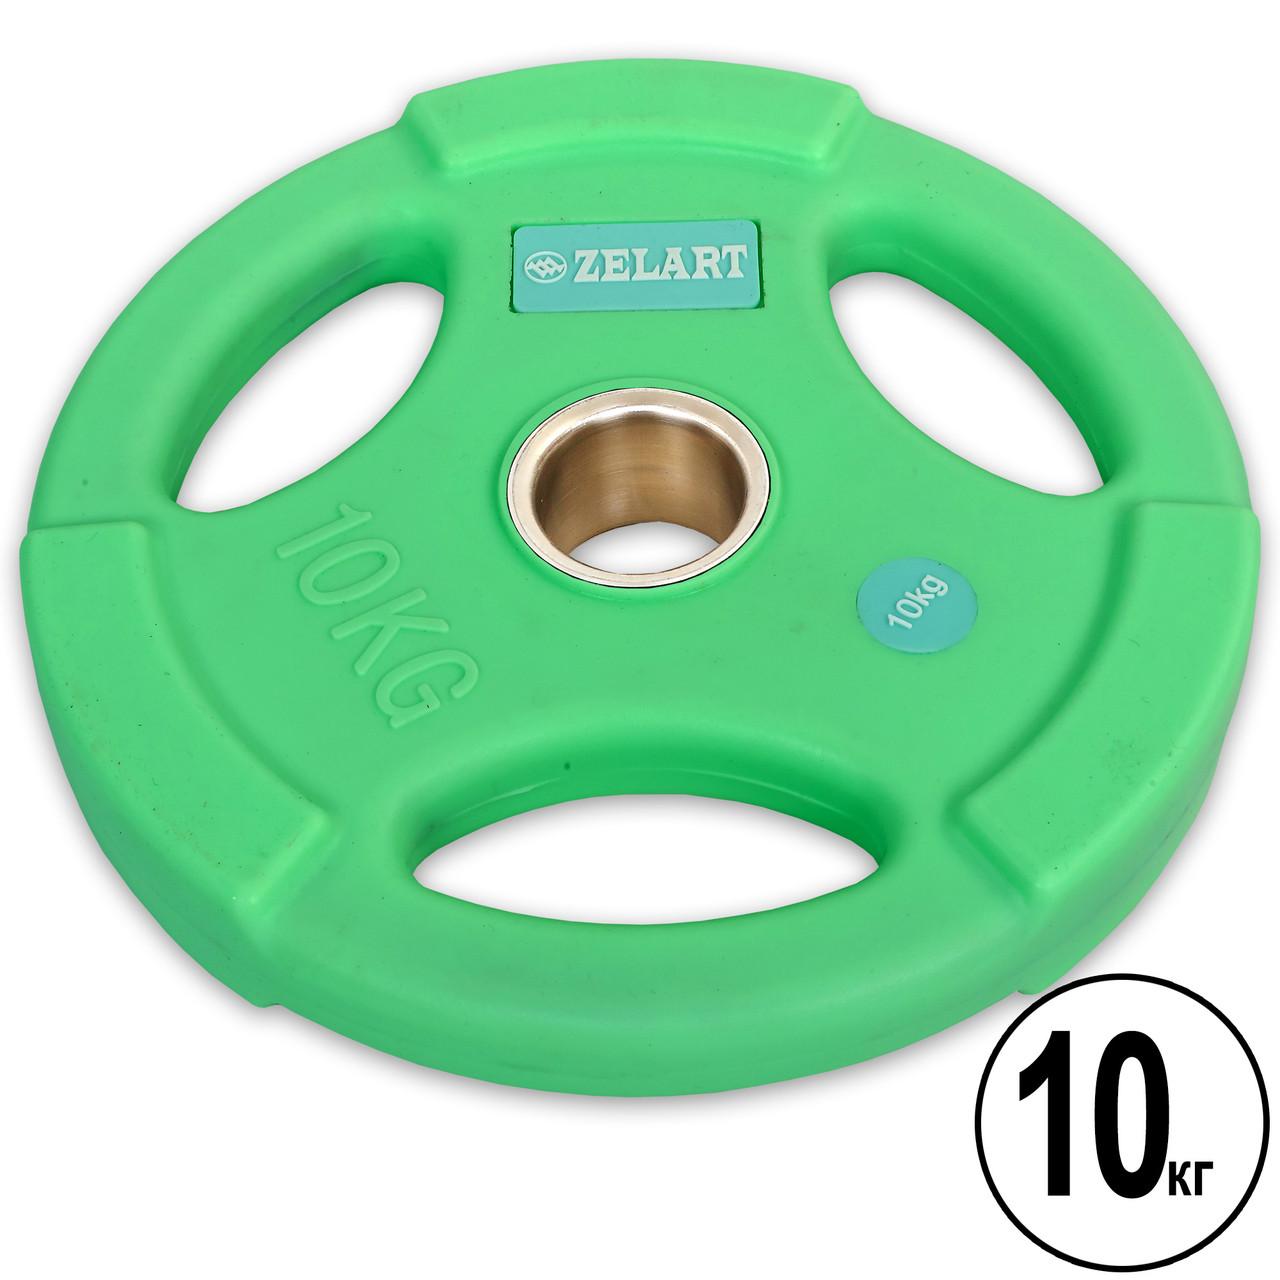 Блины (диски) полиуретановые с хватом и металлической втулкой 10 кг d-50мм TA-5336-50-10 OF